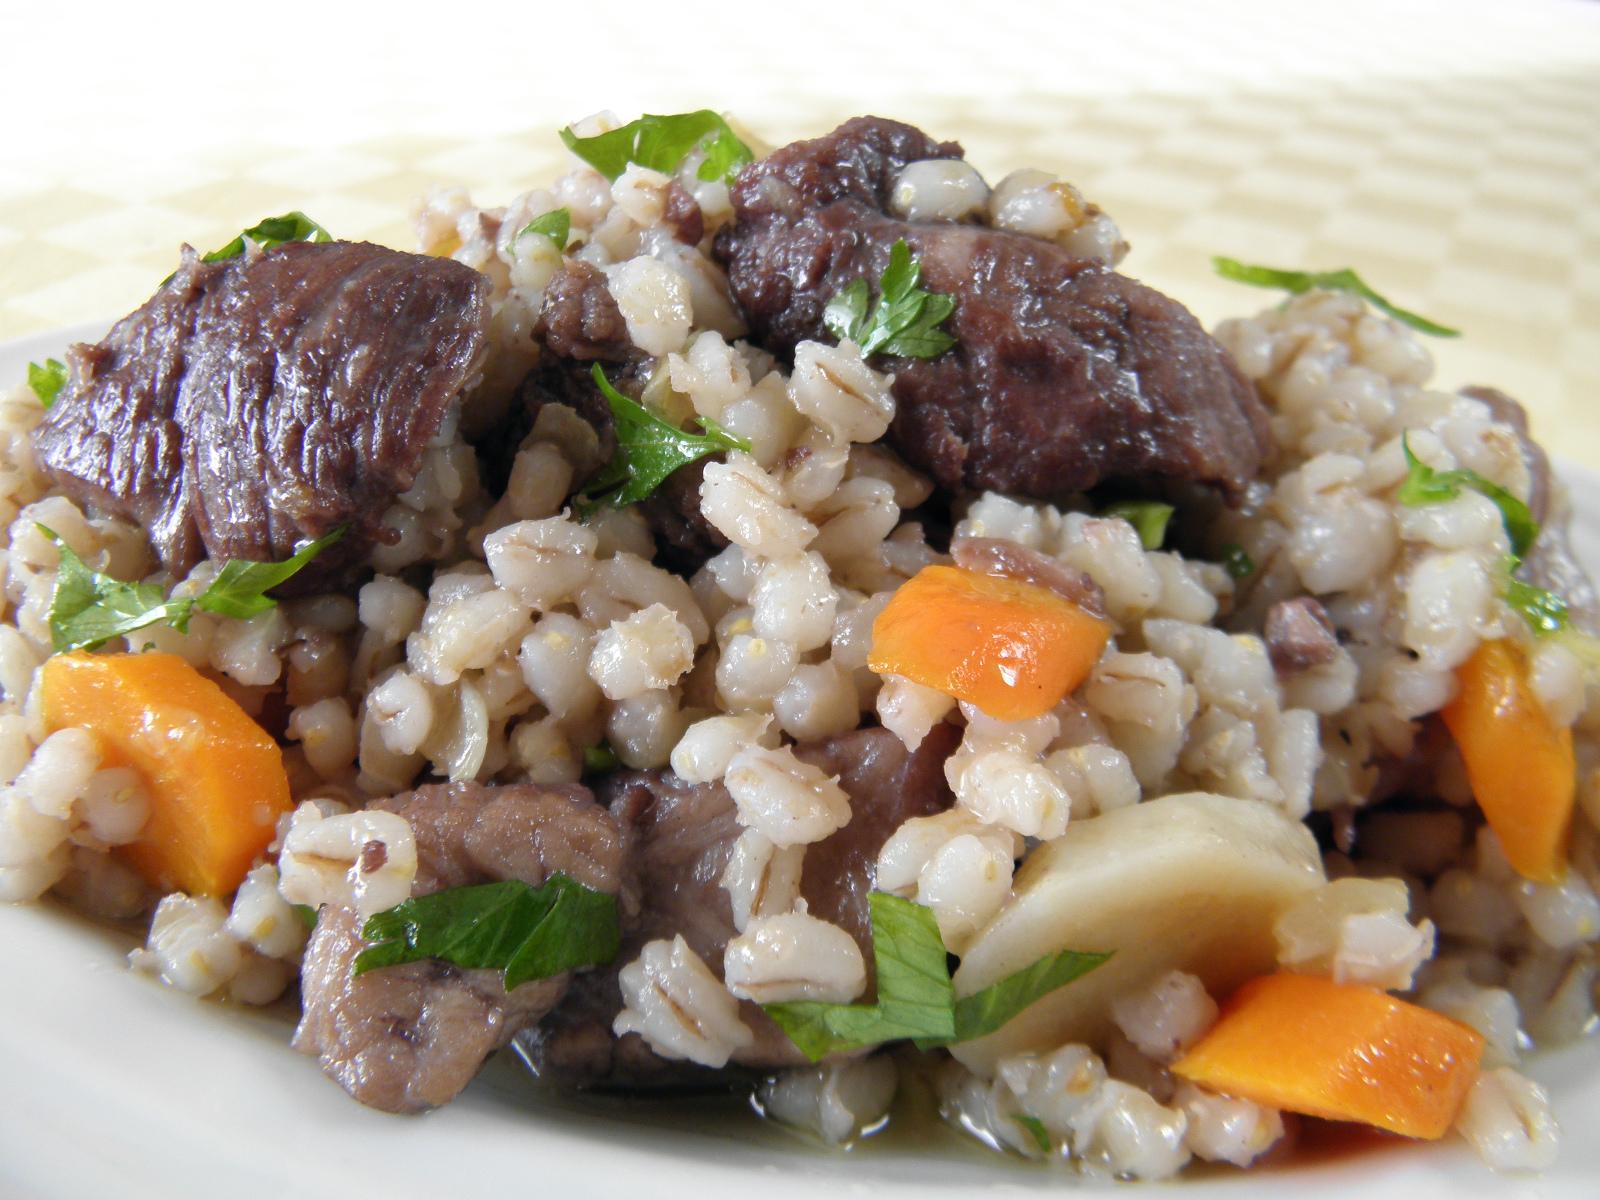 Fotografie receptu: Dušené vepřové s kroupami a zeleninou